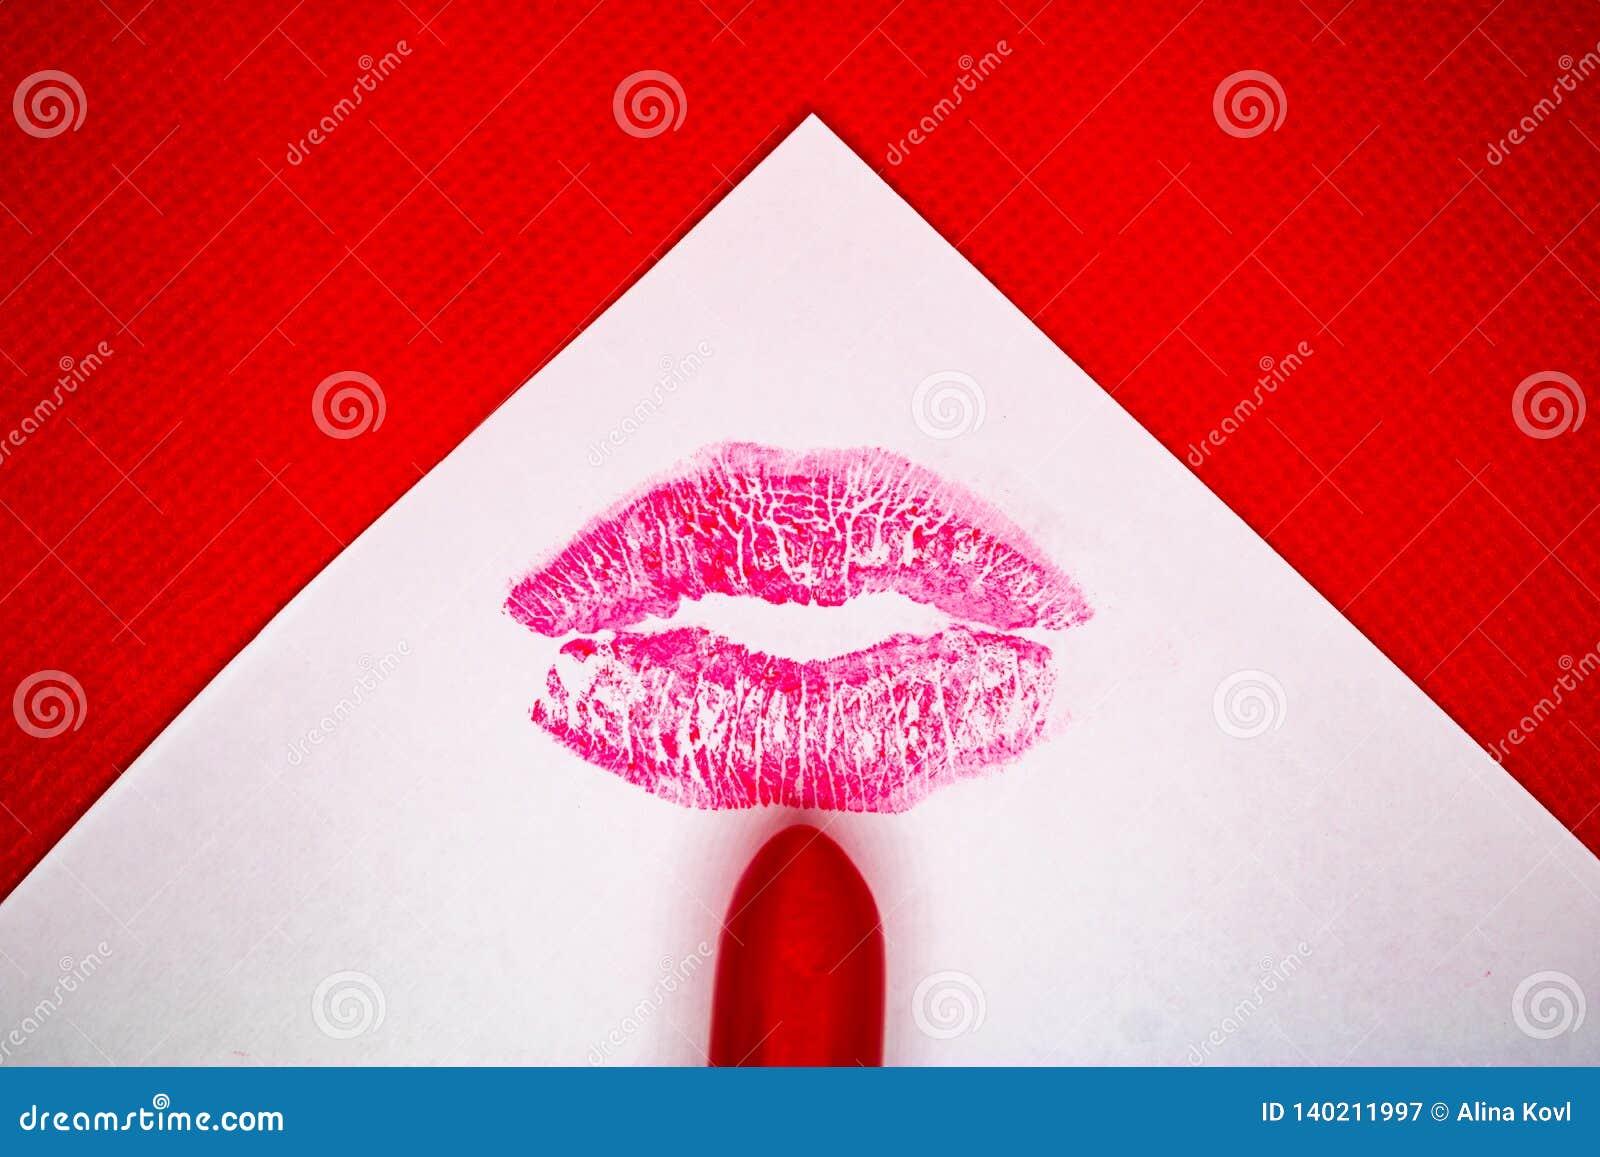 Marca del beso y la barra de labios roja en el Libro Blanco con el fondo rojo - imagen